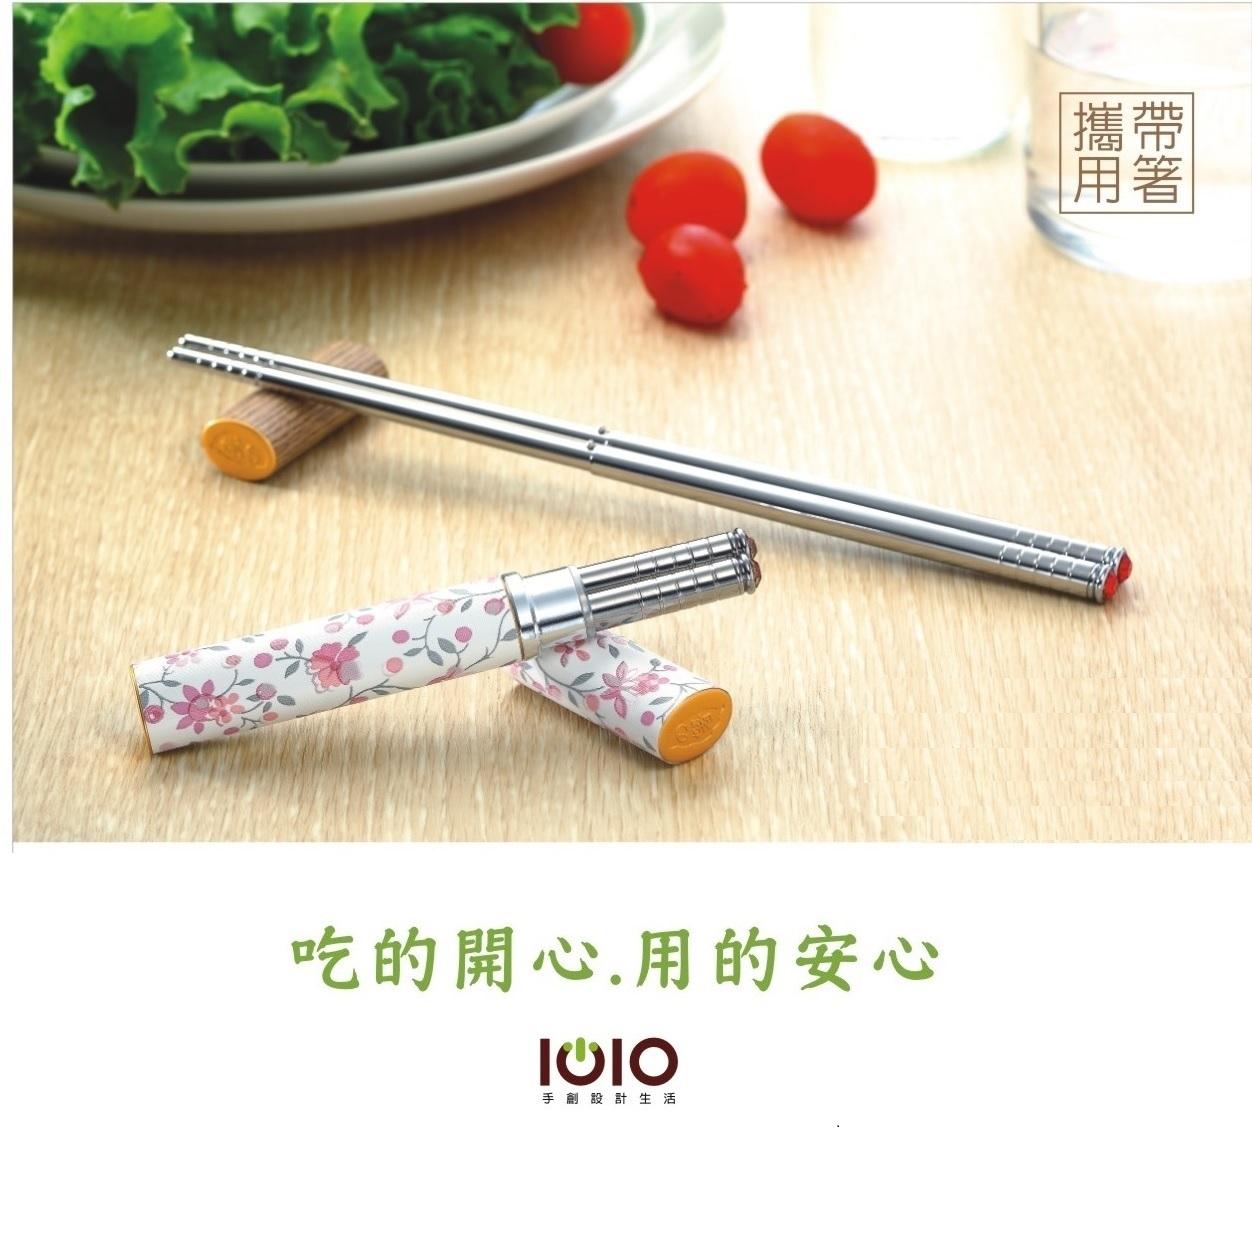 1010-時尚環保筷-露營筷,外出筷,不鏽鋼筷,伸縮筷